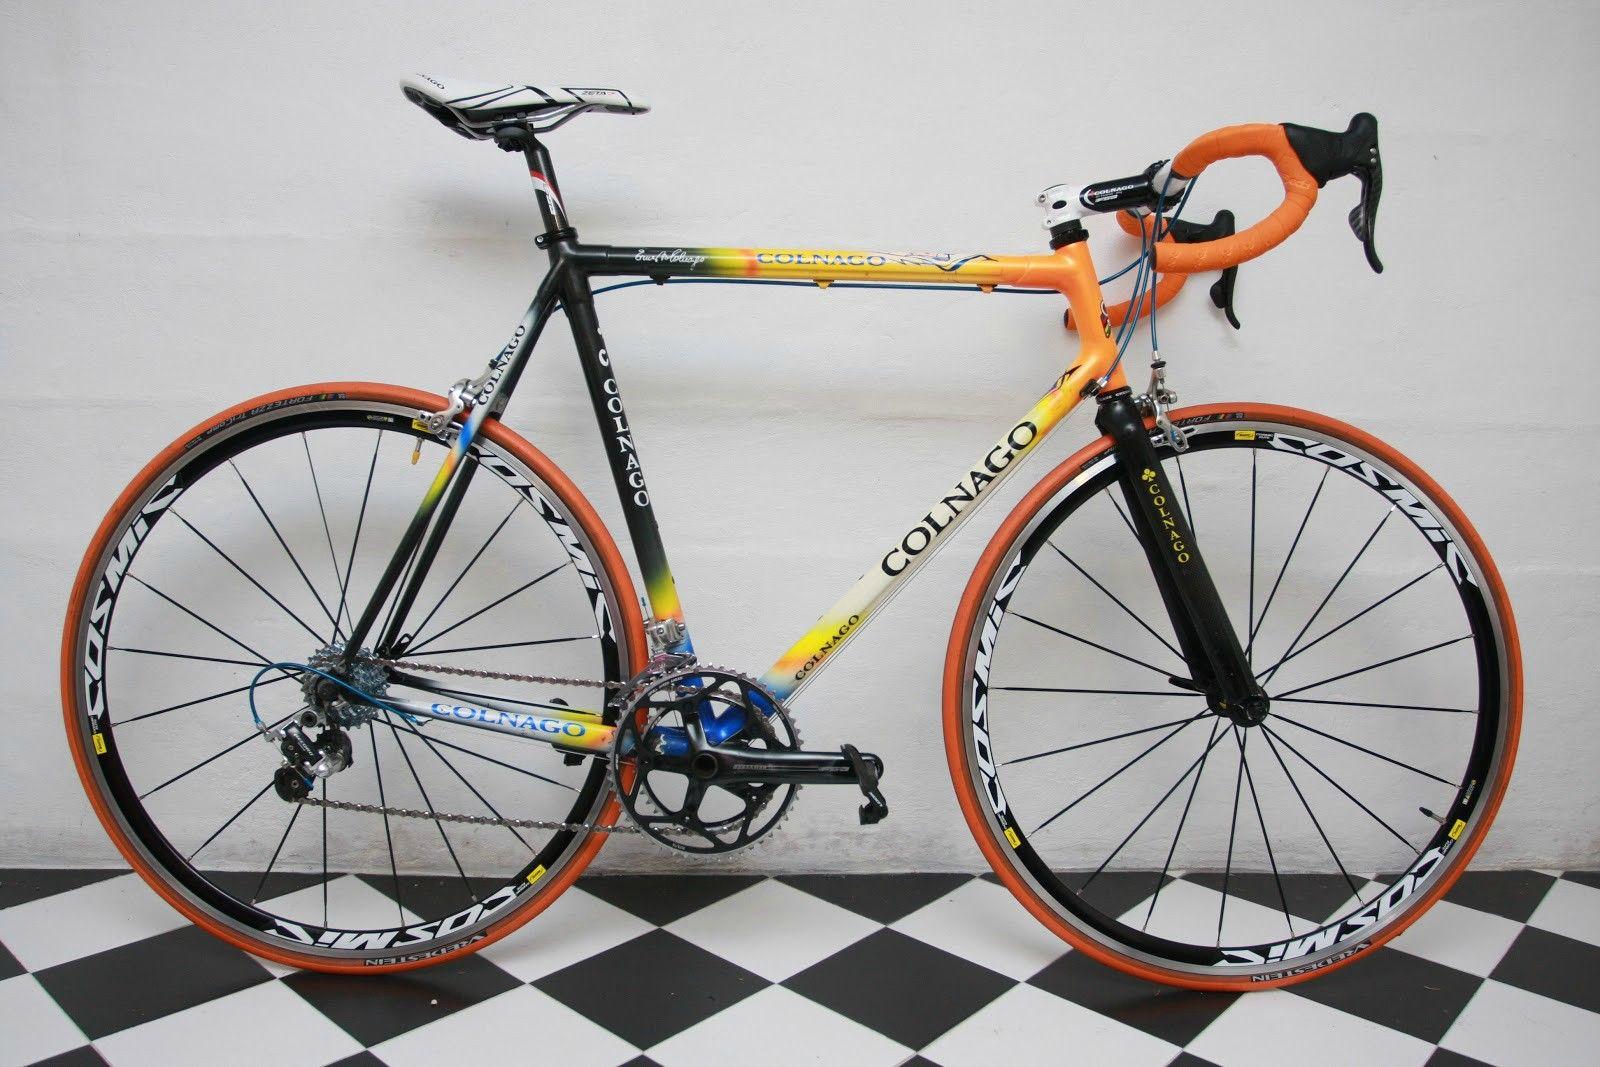 Colnago C40 | Bicycling, Mavic cosmic elite and Cosmic elite